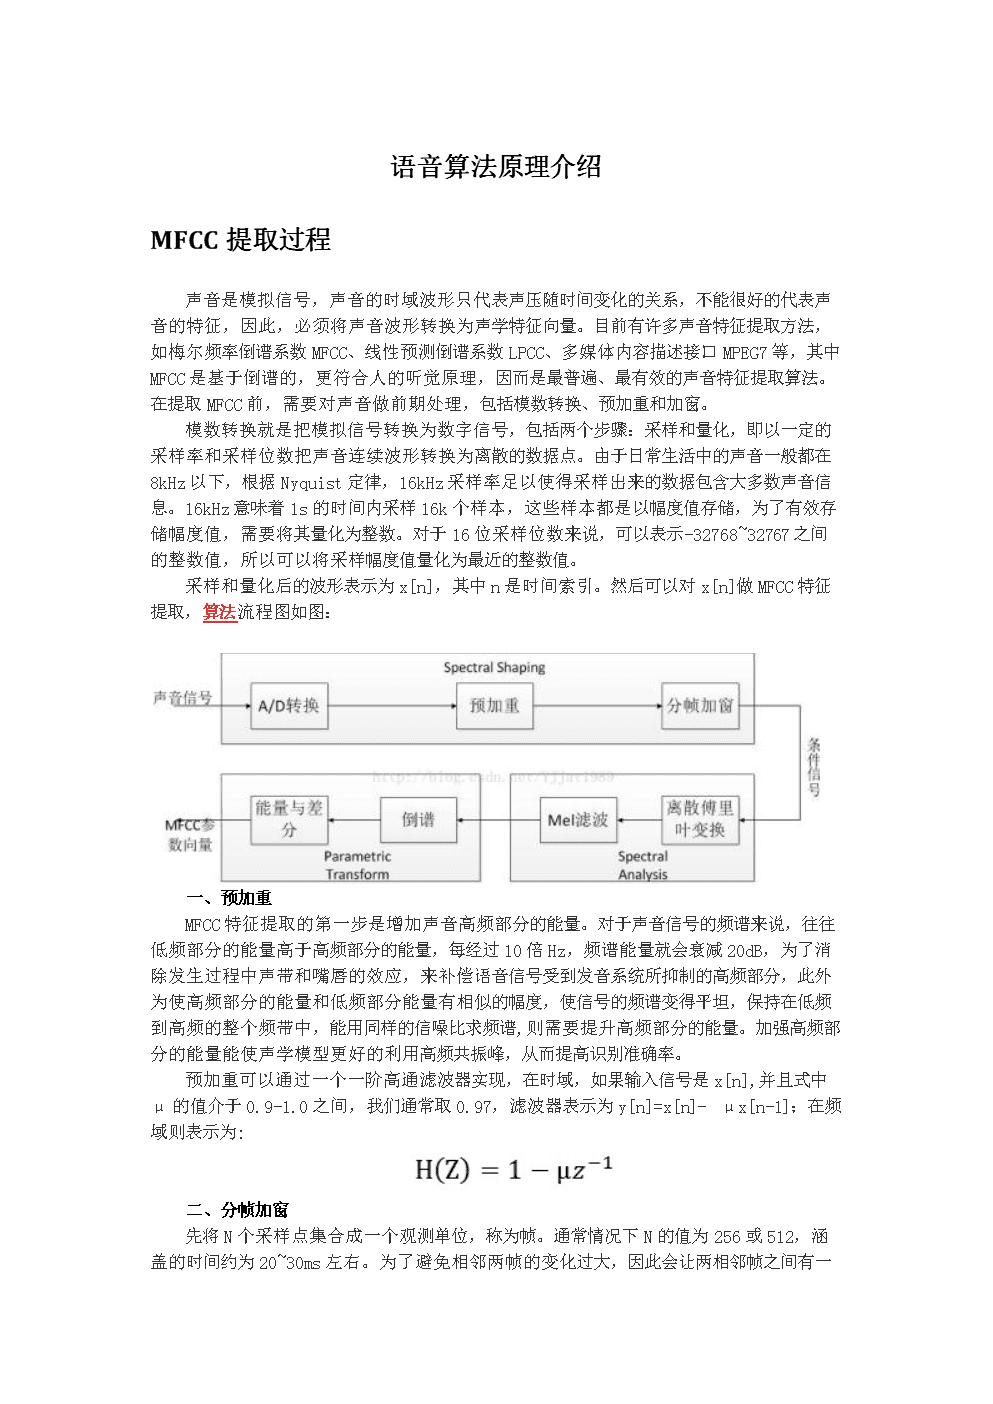 语音识别算法原理文档整理-.docx